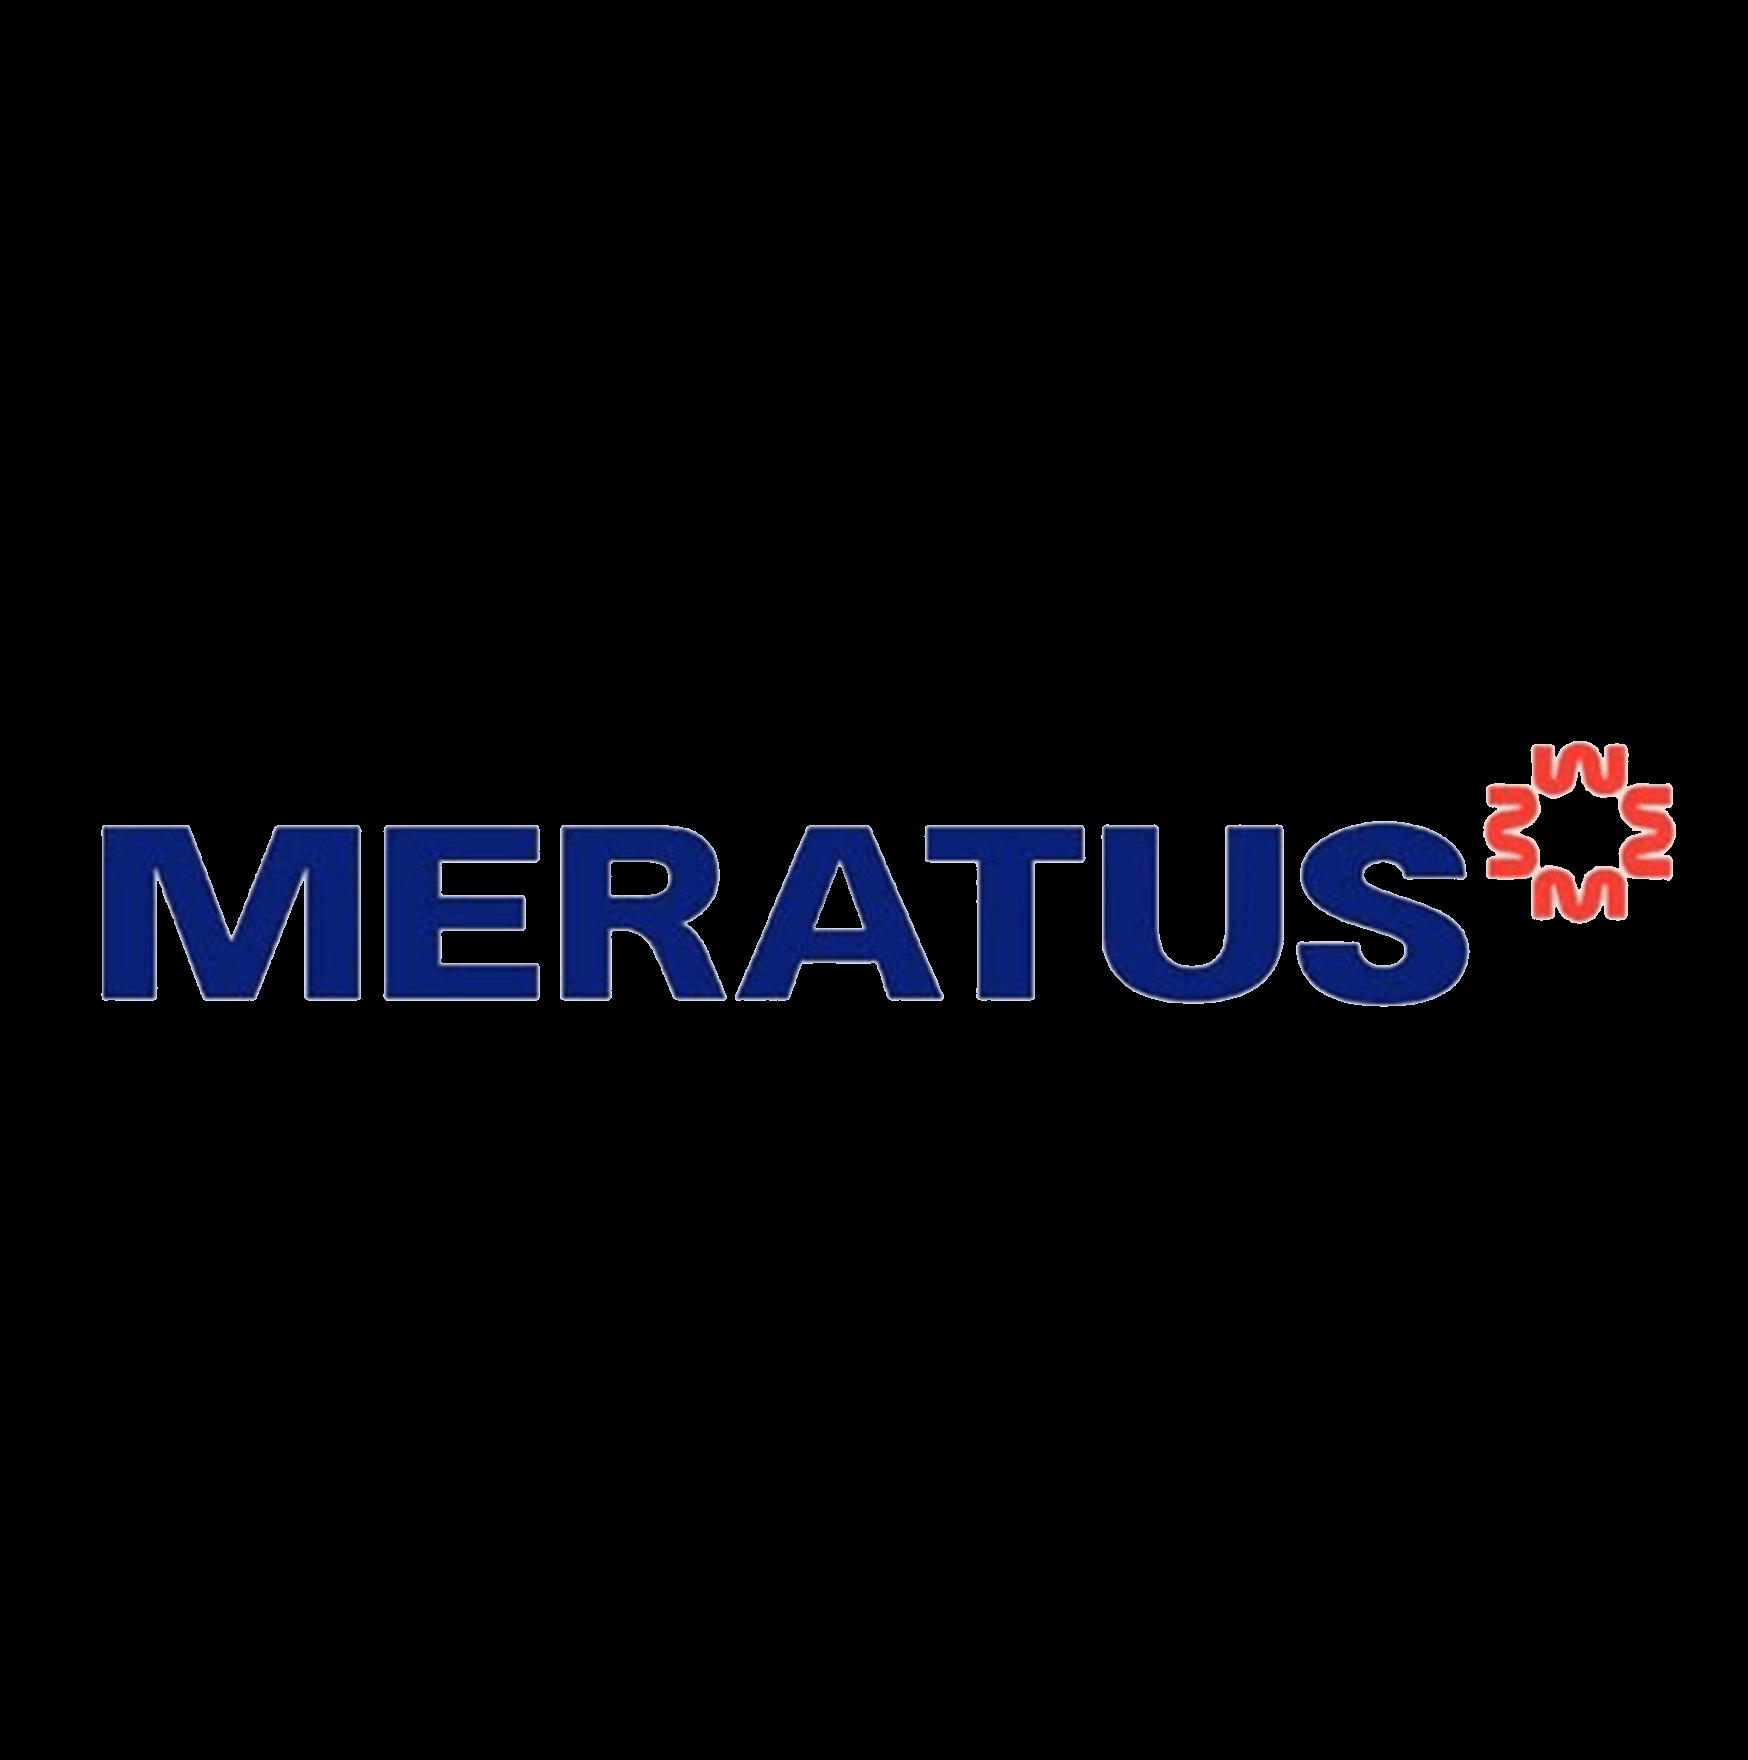 Meratus